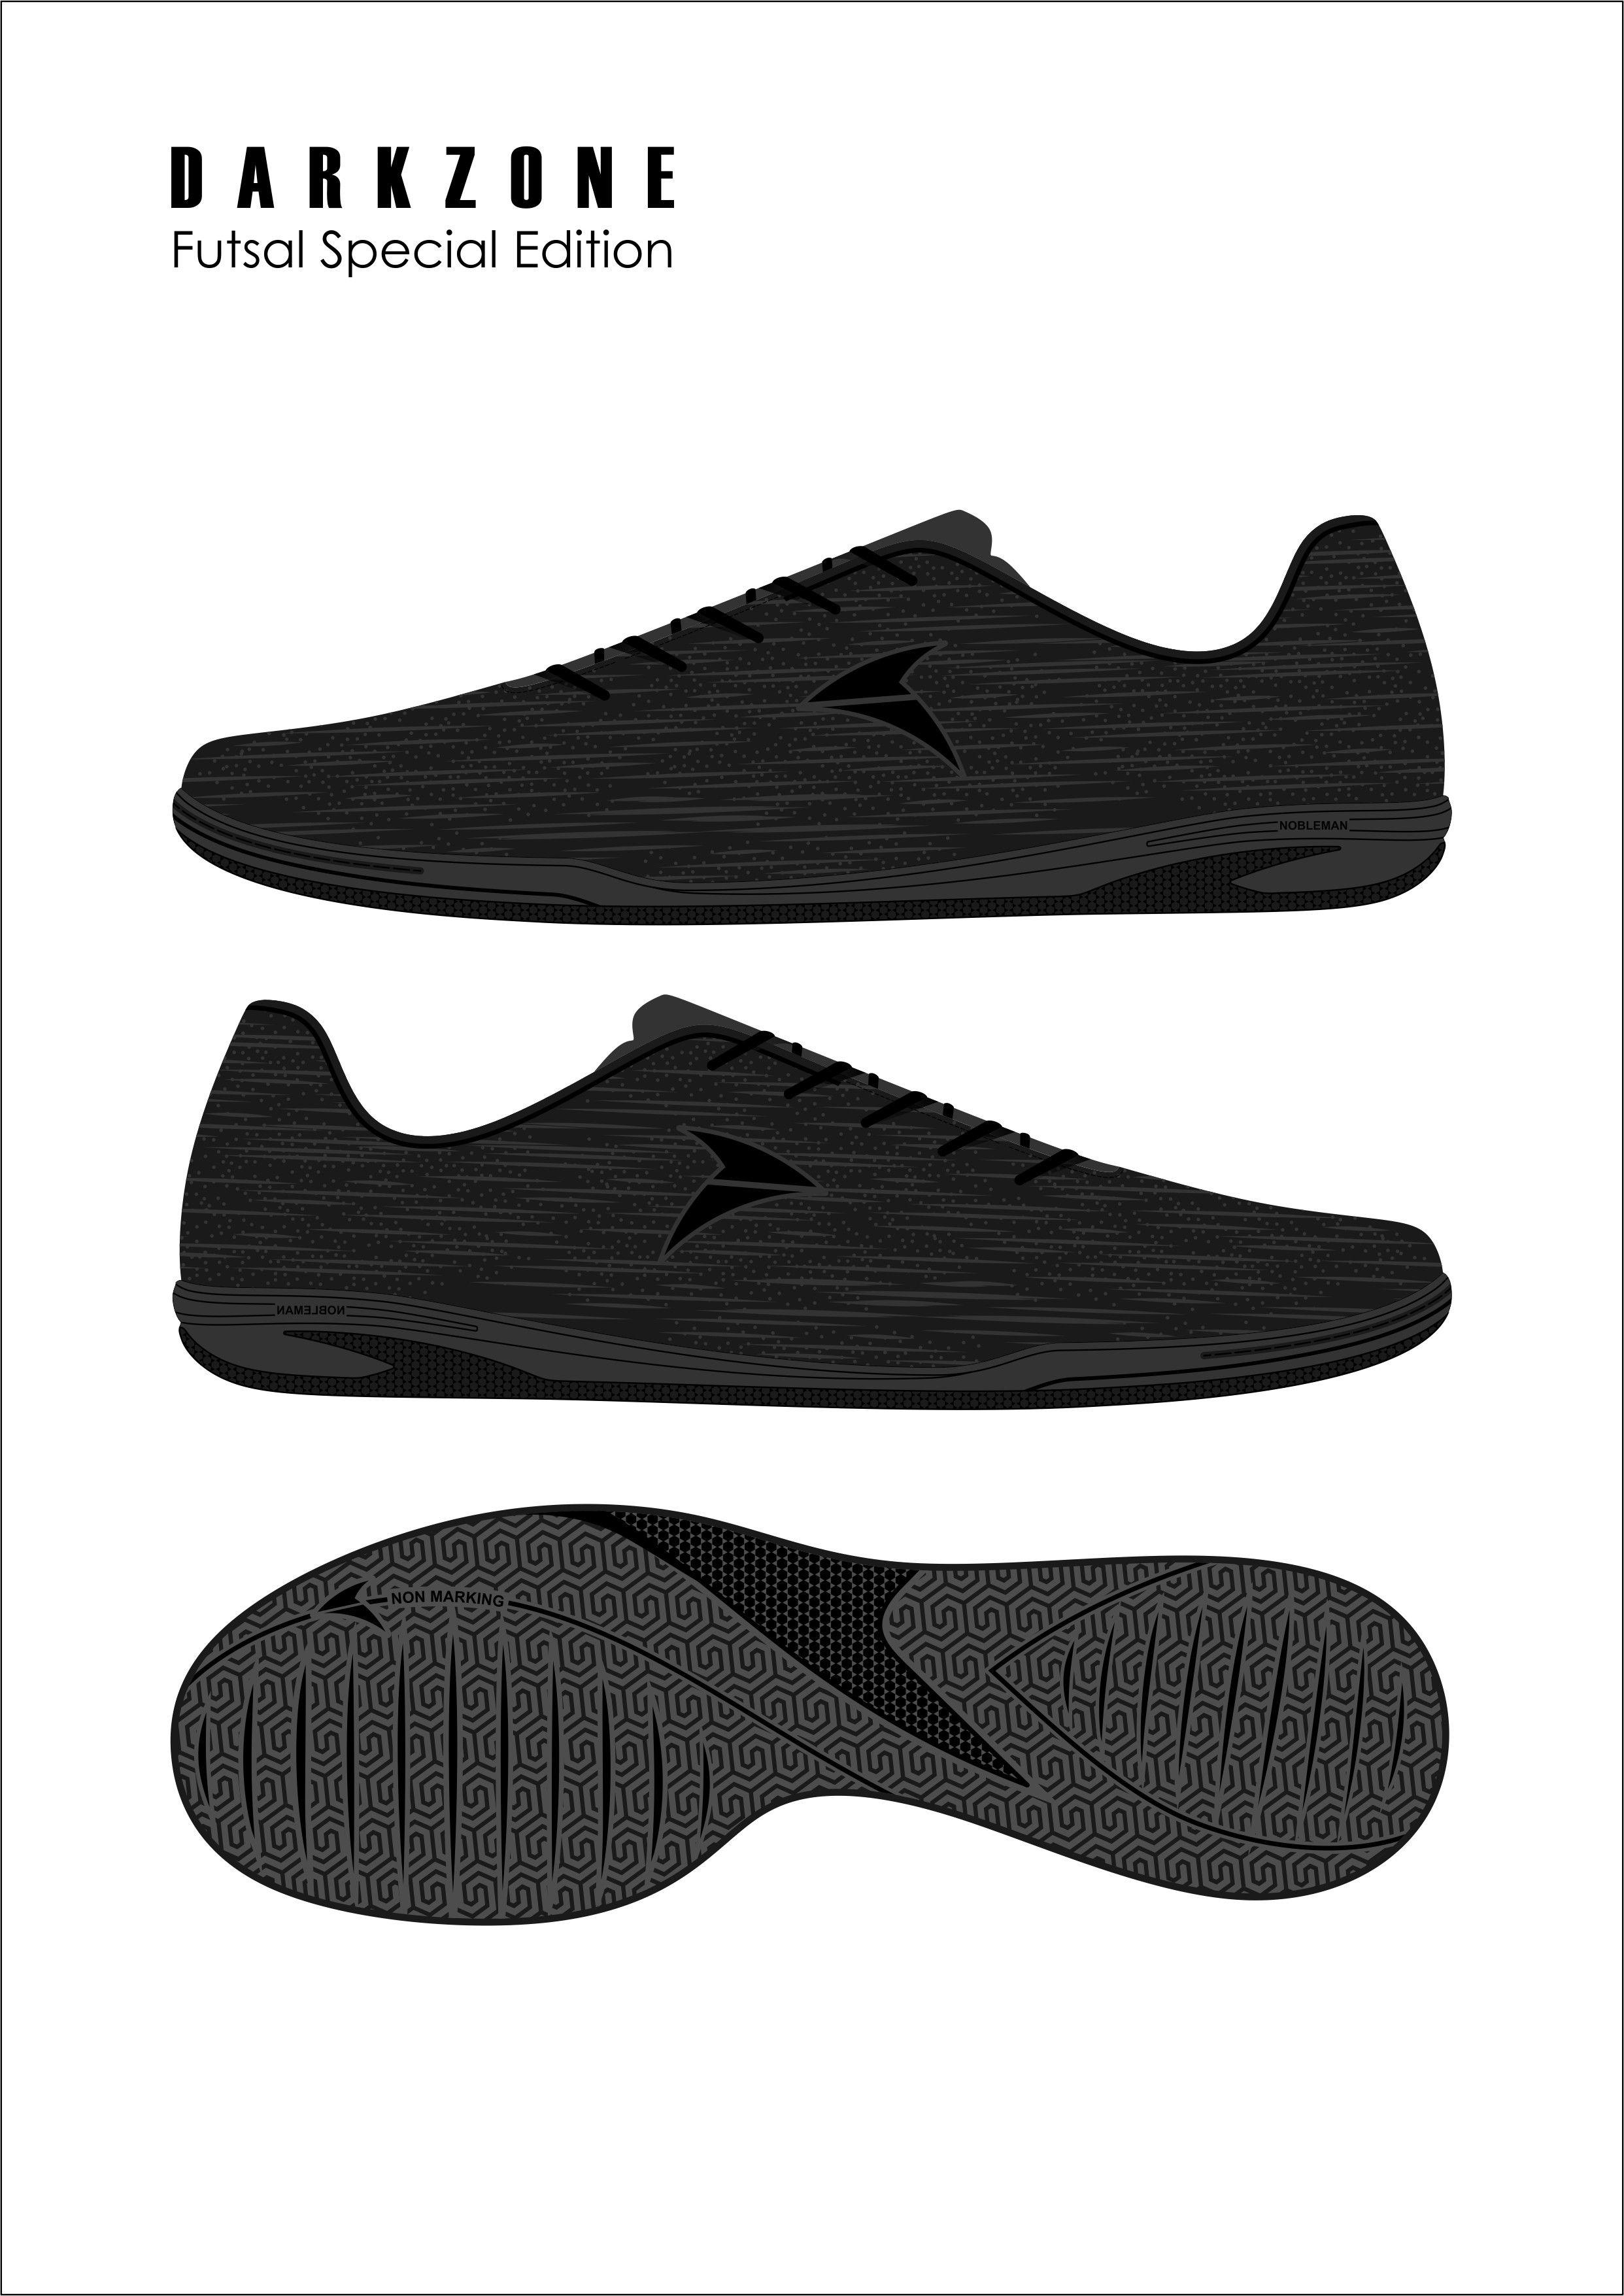 pretty nice 8d131 67de1 Pin de Galih Nugroho en indonesia futsal shoe   Pinterest   Futsal shoes,  Shoes y Sneakers